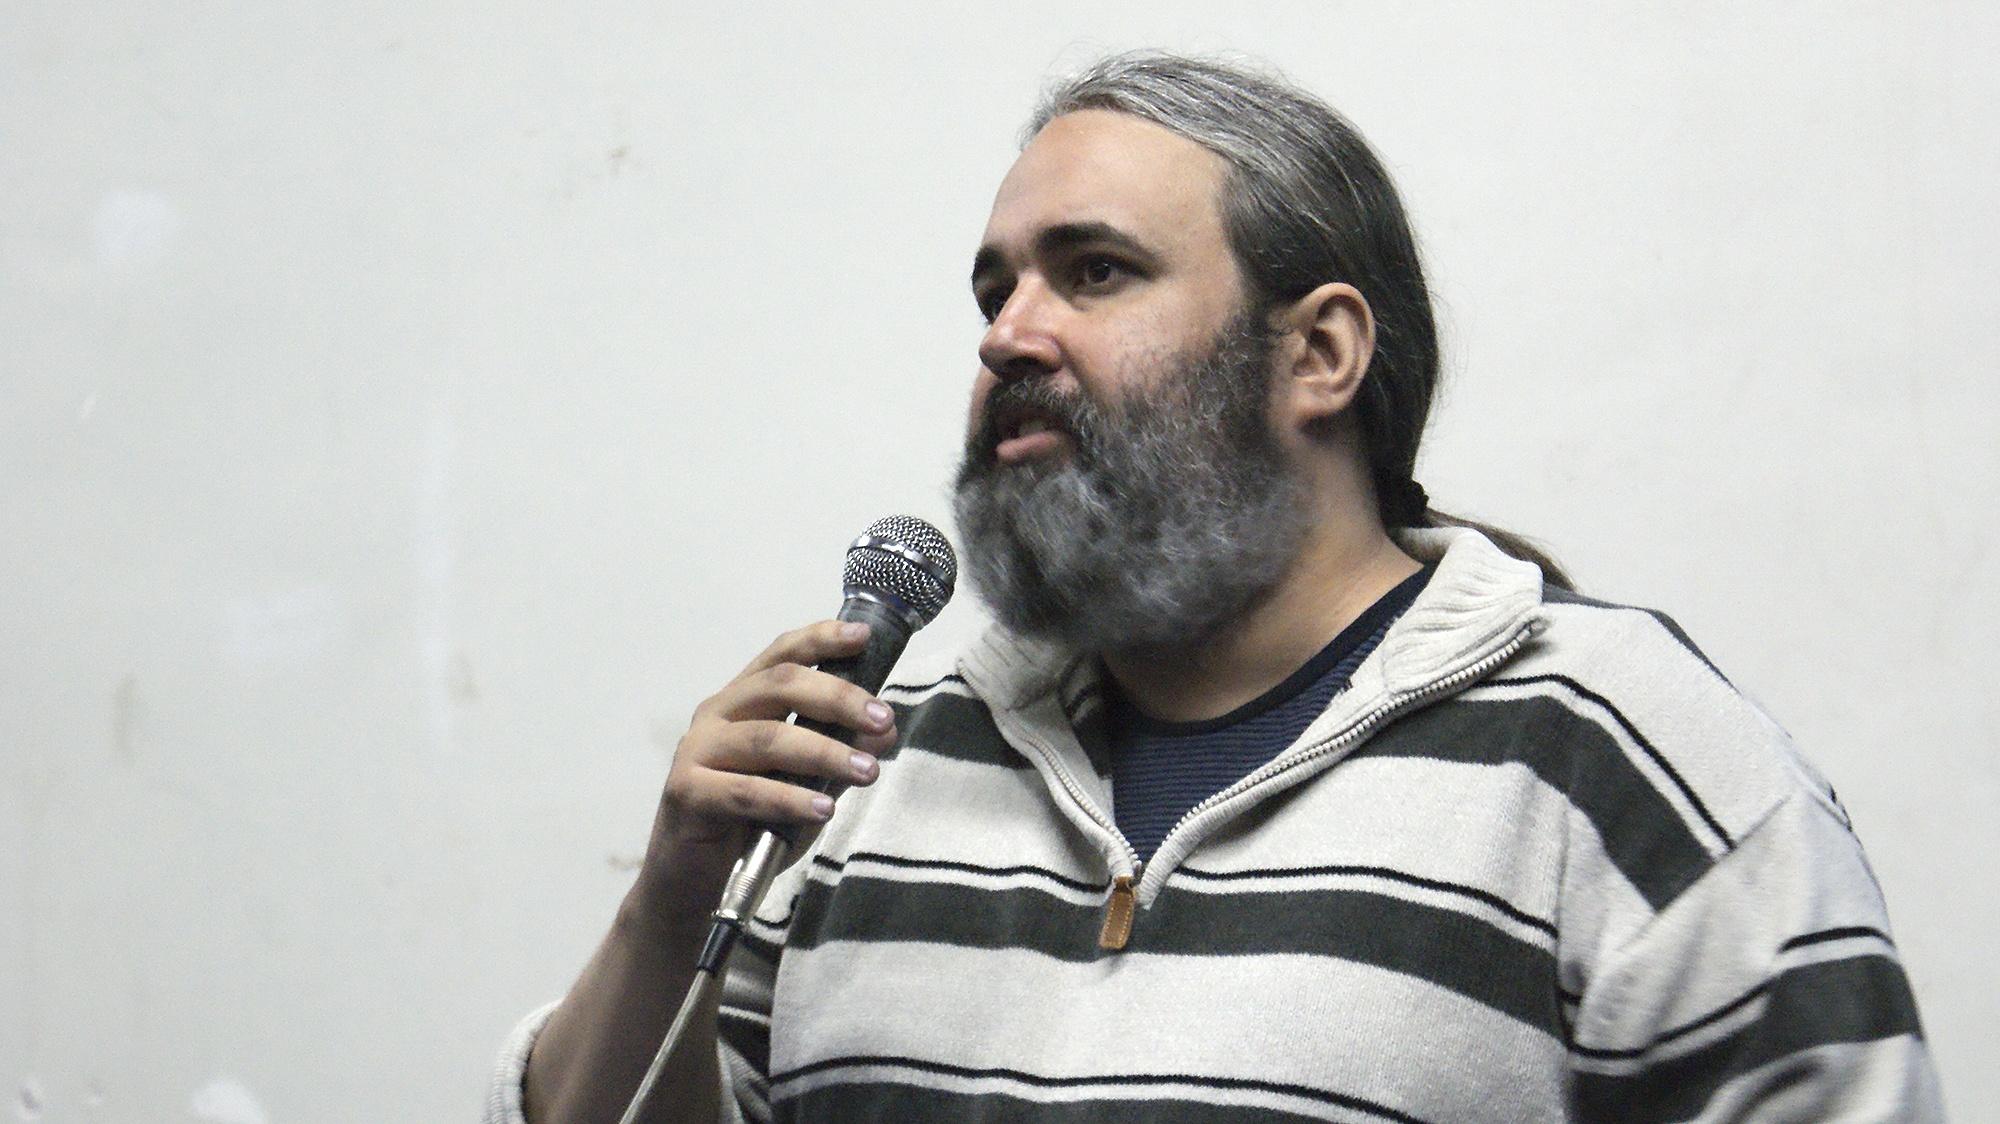 Alexandre Gil destacou pontos positivos dos conselhos municipais e estaduais de saúde